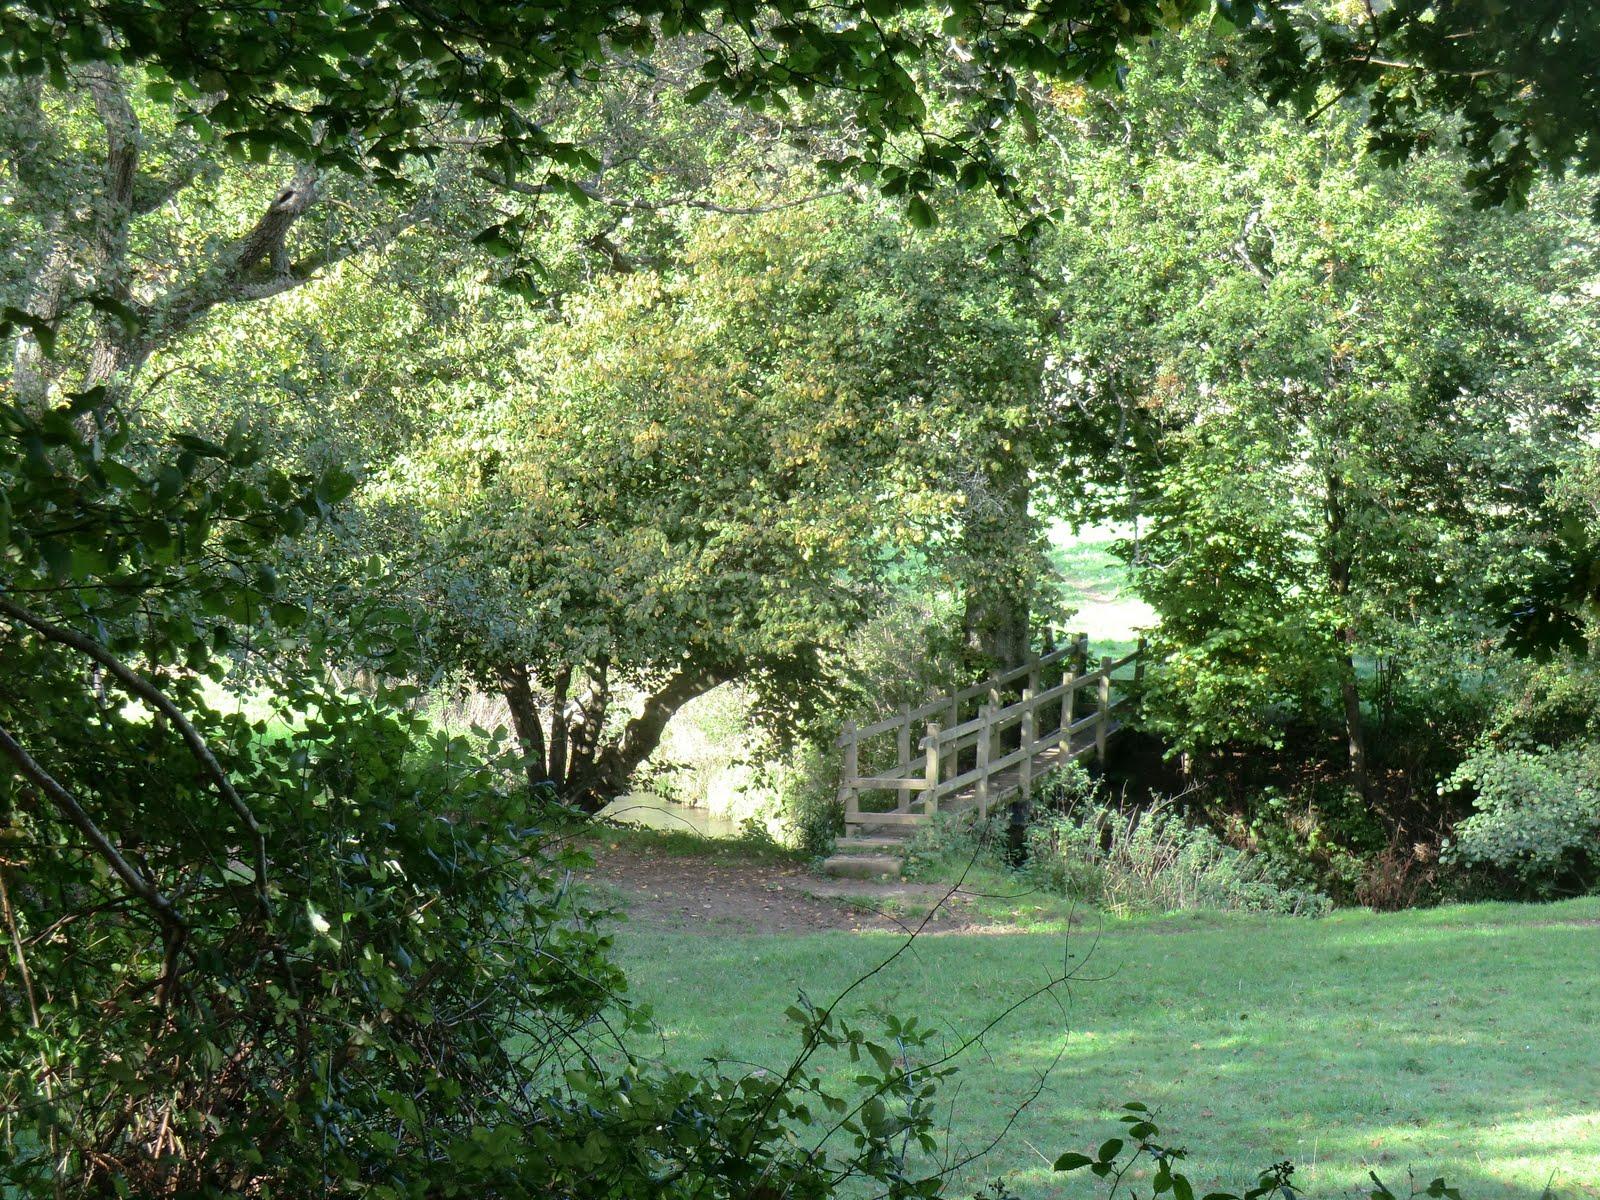 CIMG0696 Footbridge over the River Medway